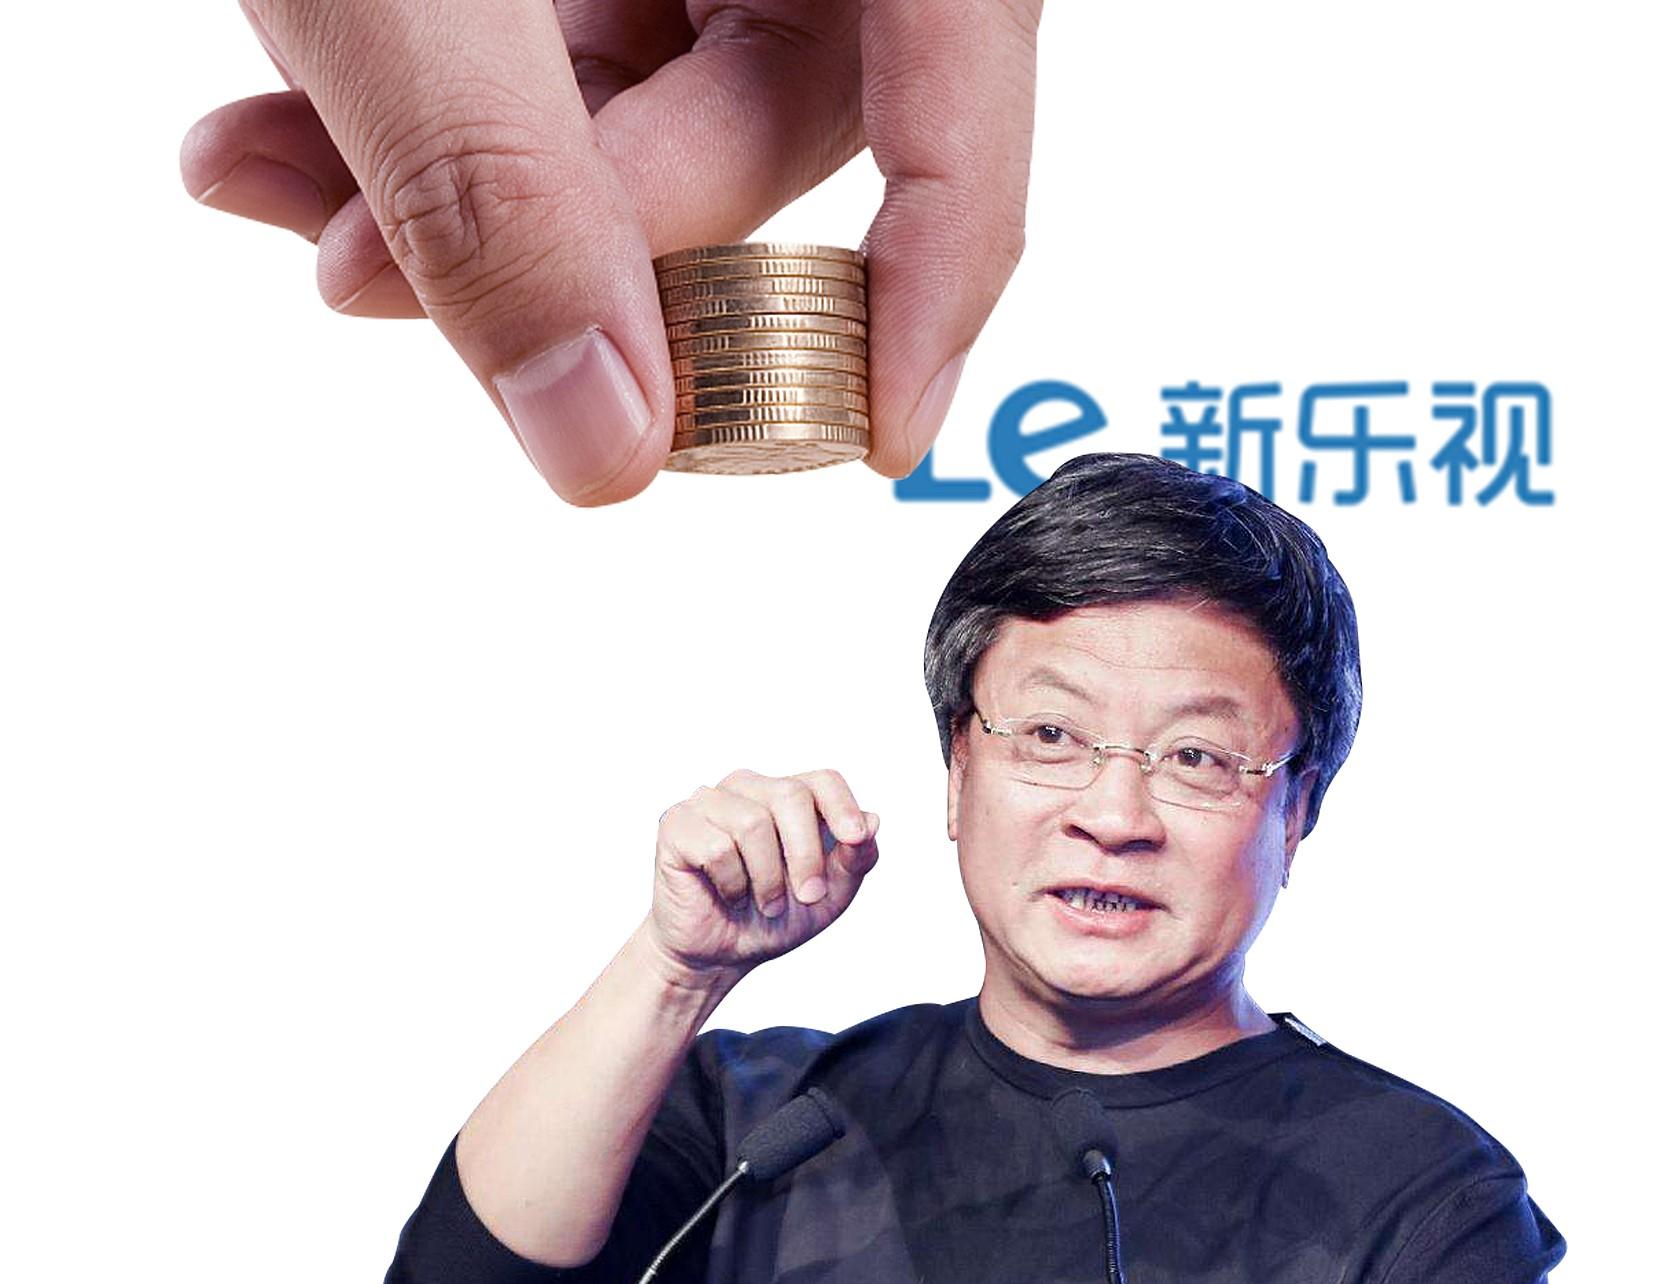 融创中国7.73亿元拿下新乐视智家、乐视影业等股权